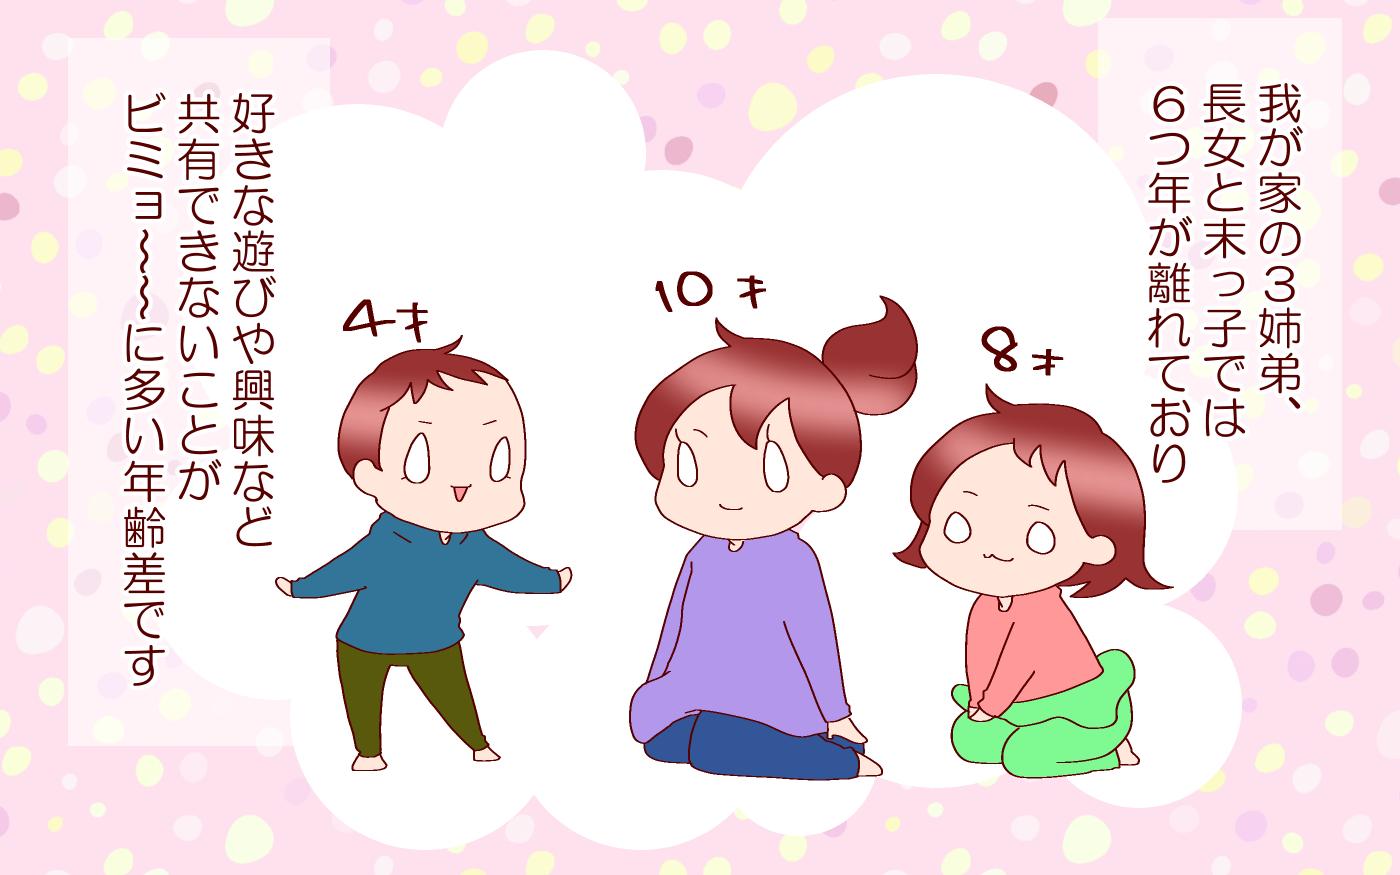 微妙な年齢差…6歳差姉弟の育児のホンネ